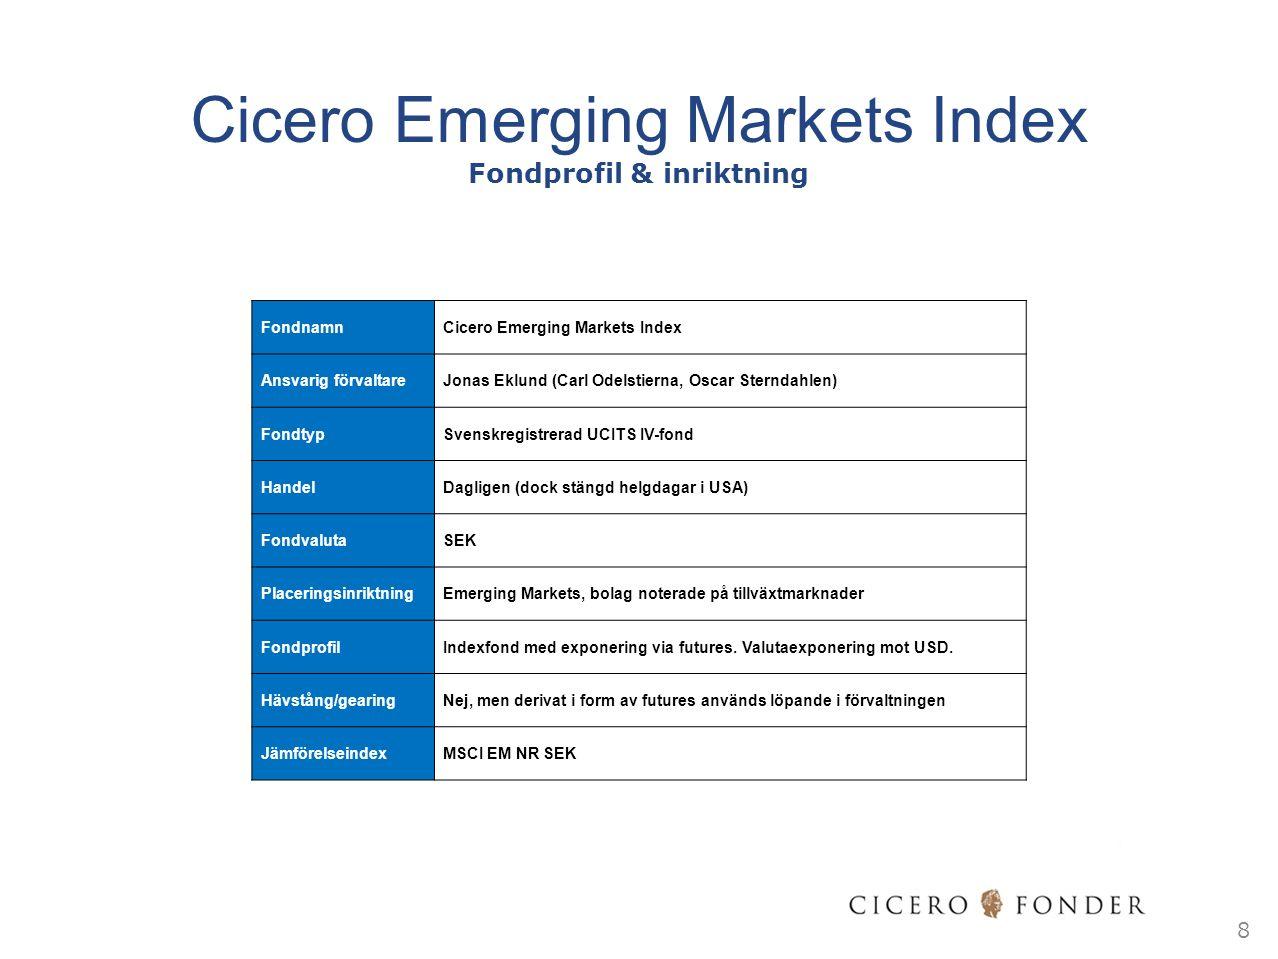 9 Investeringsuniversum OMXPRI ~ 250 bolag Cicero Emerging Markets Index 1 (aktivt) innehav Kvalitativ analys Portföljkonstruktion Steg 2: Kvalitativ analys  Utvärdering indexfutures  Utvärdering räntepapper Steg 3 : Portföljkonstruktion  Indexfuture  Portföljvikter räntepapper Cicero Fonder Förvaltningsmodell Investeringsprocess Steg 1: Kvantitativ analys  SRI branschscreening (räntepapper) Kvantitativ analys